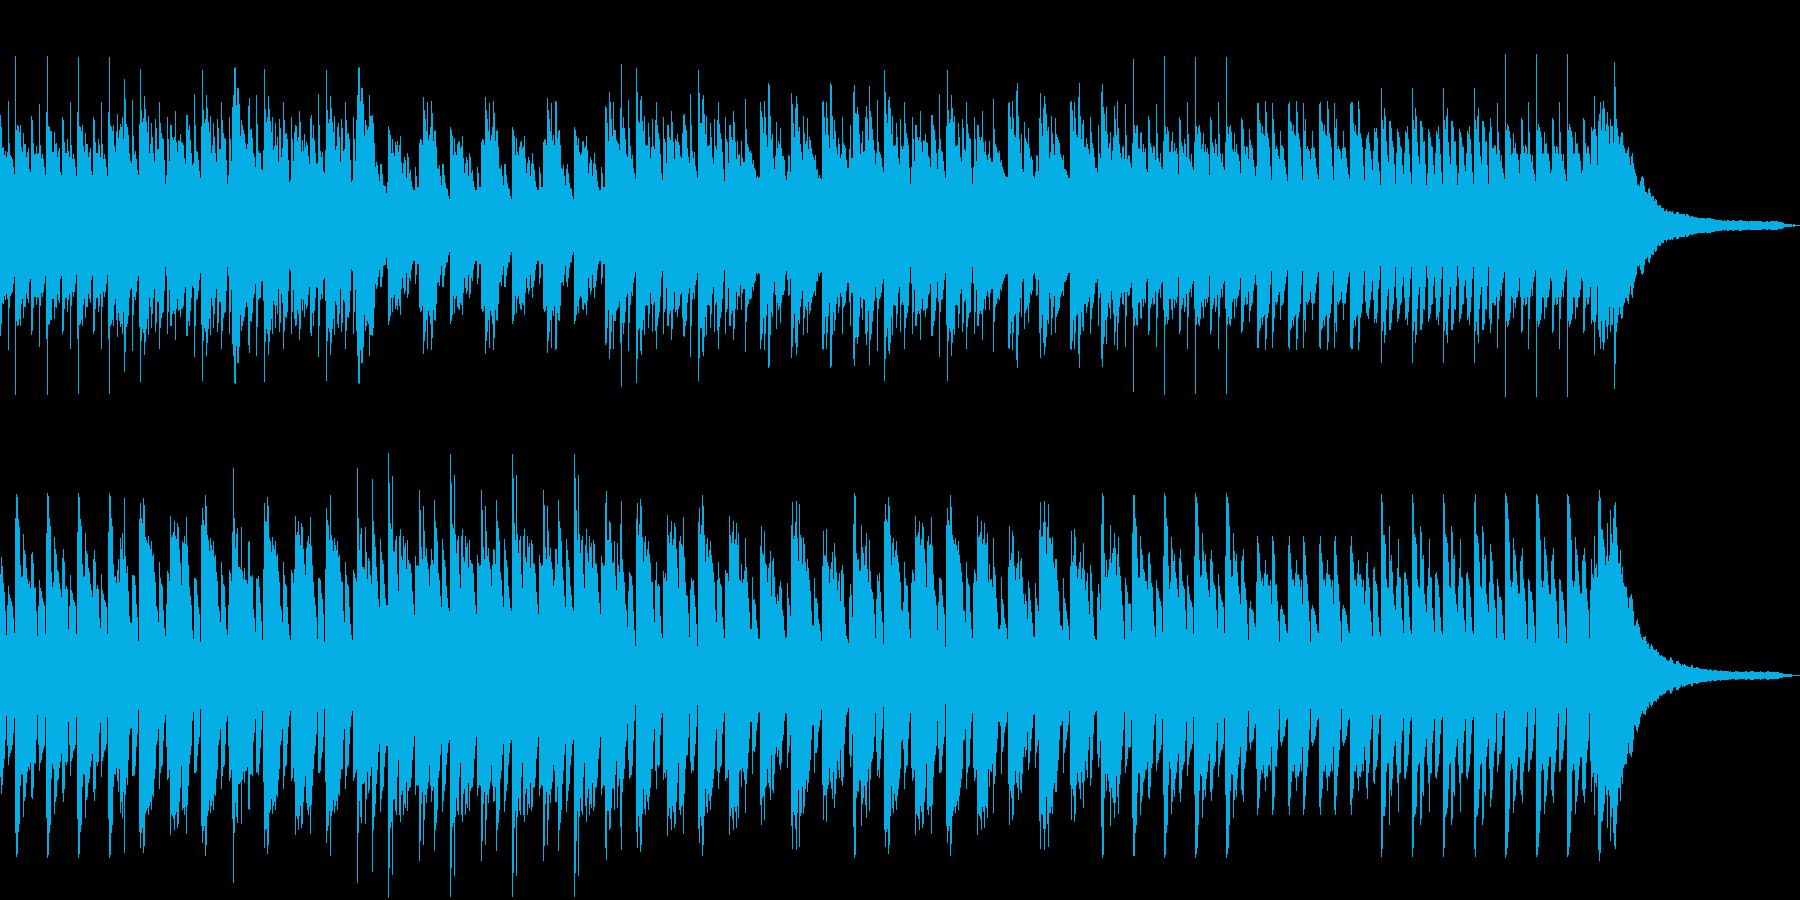 童話的な明るいピアノ音源の再生済みの波形